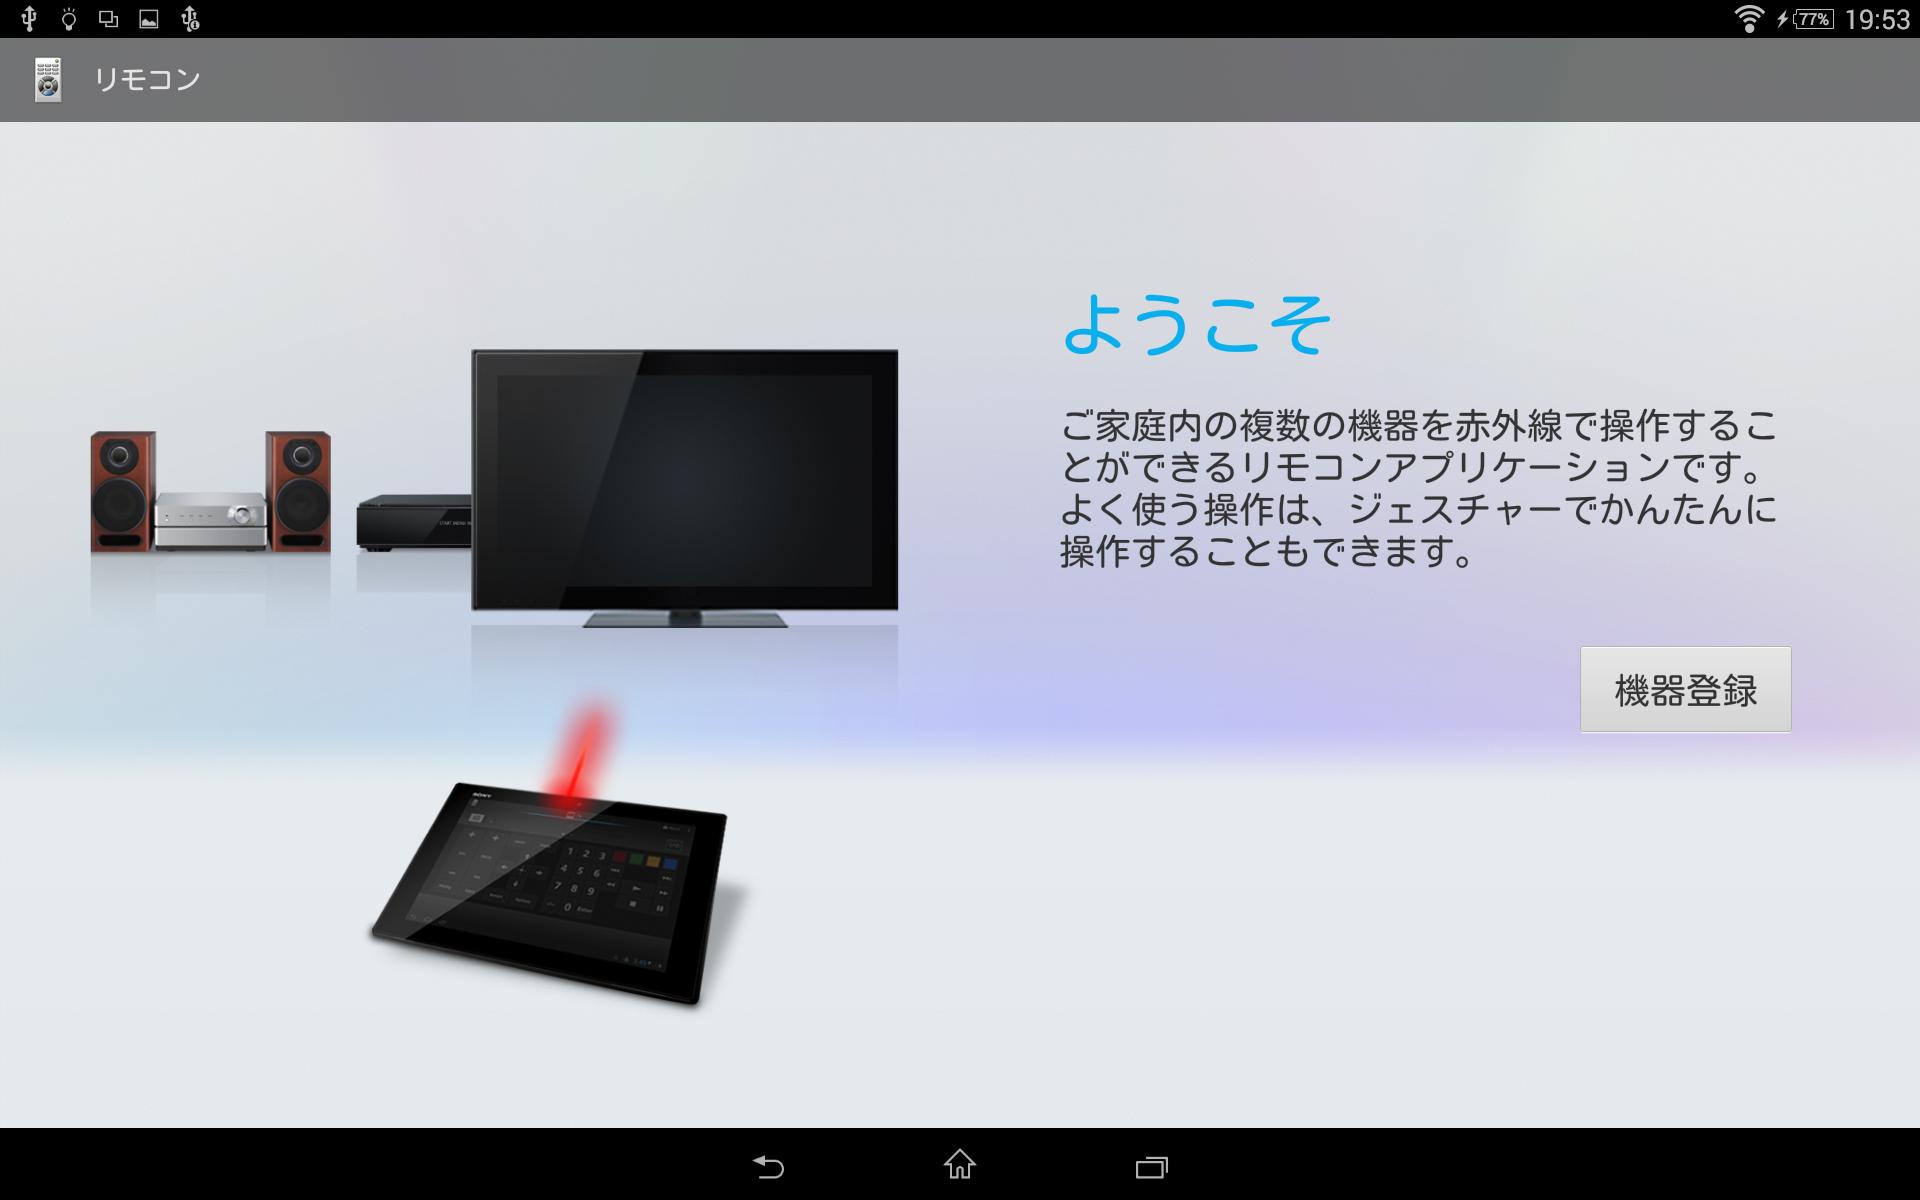 リモコン。赤外線で操作するリモコンになる。同社以外にもいろいろなメーカー/機器に対応する